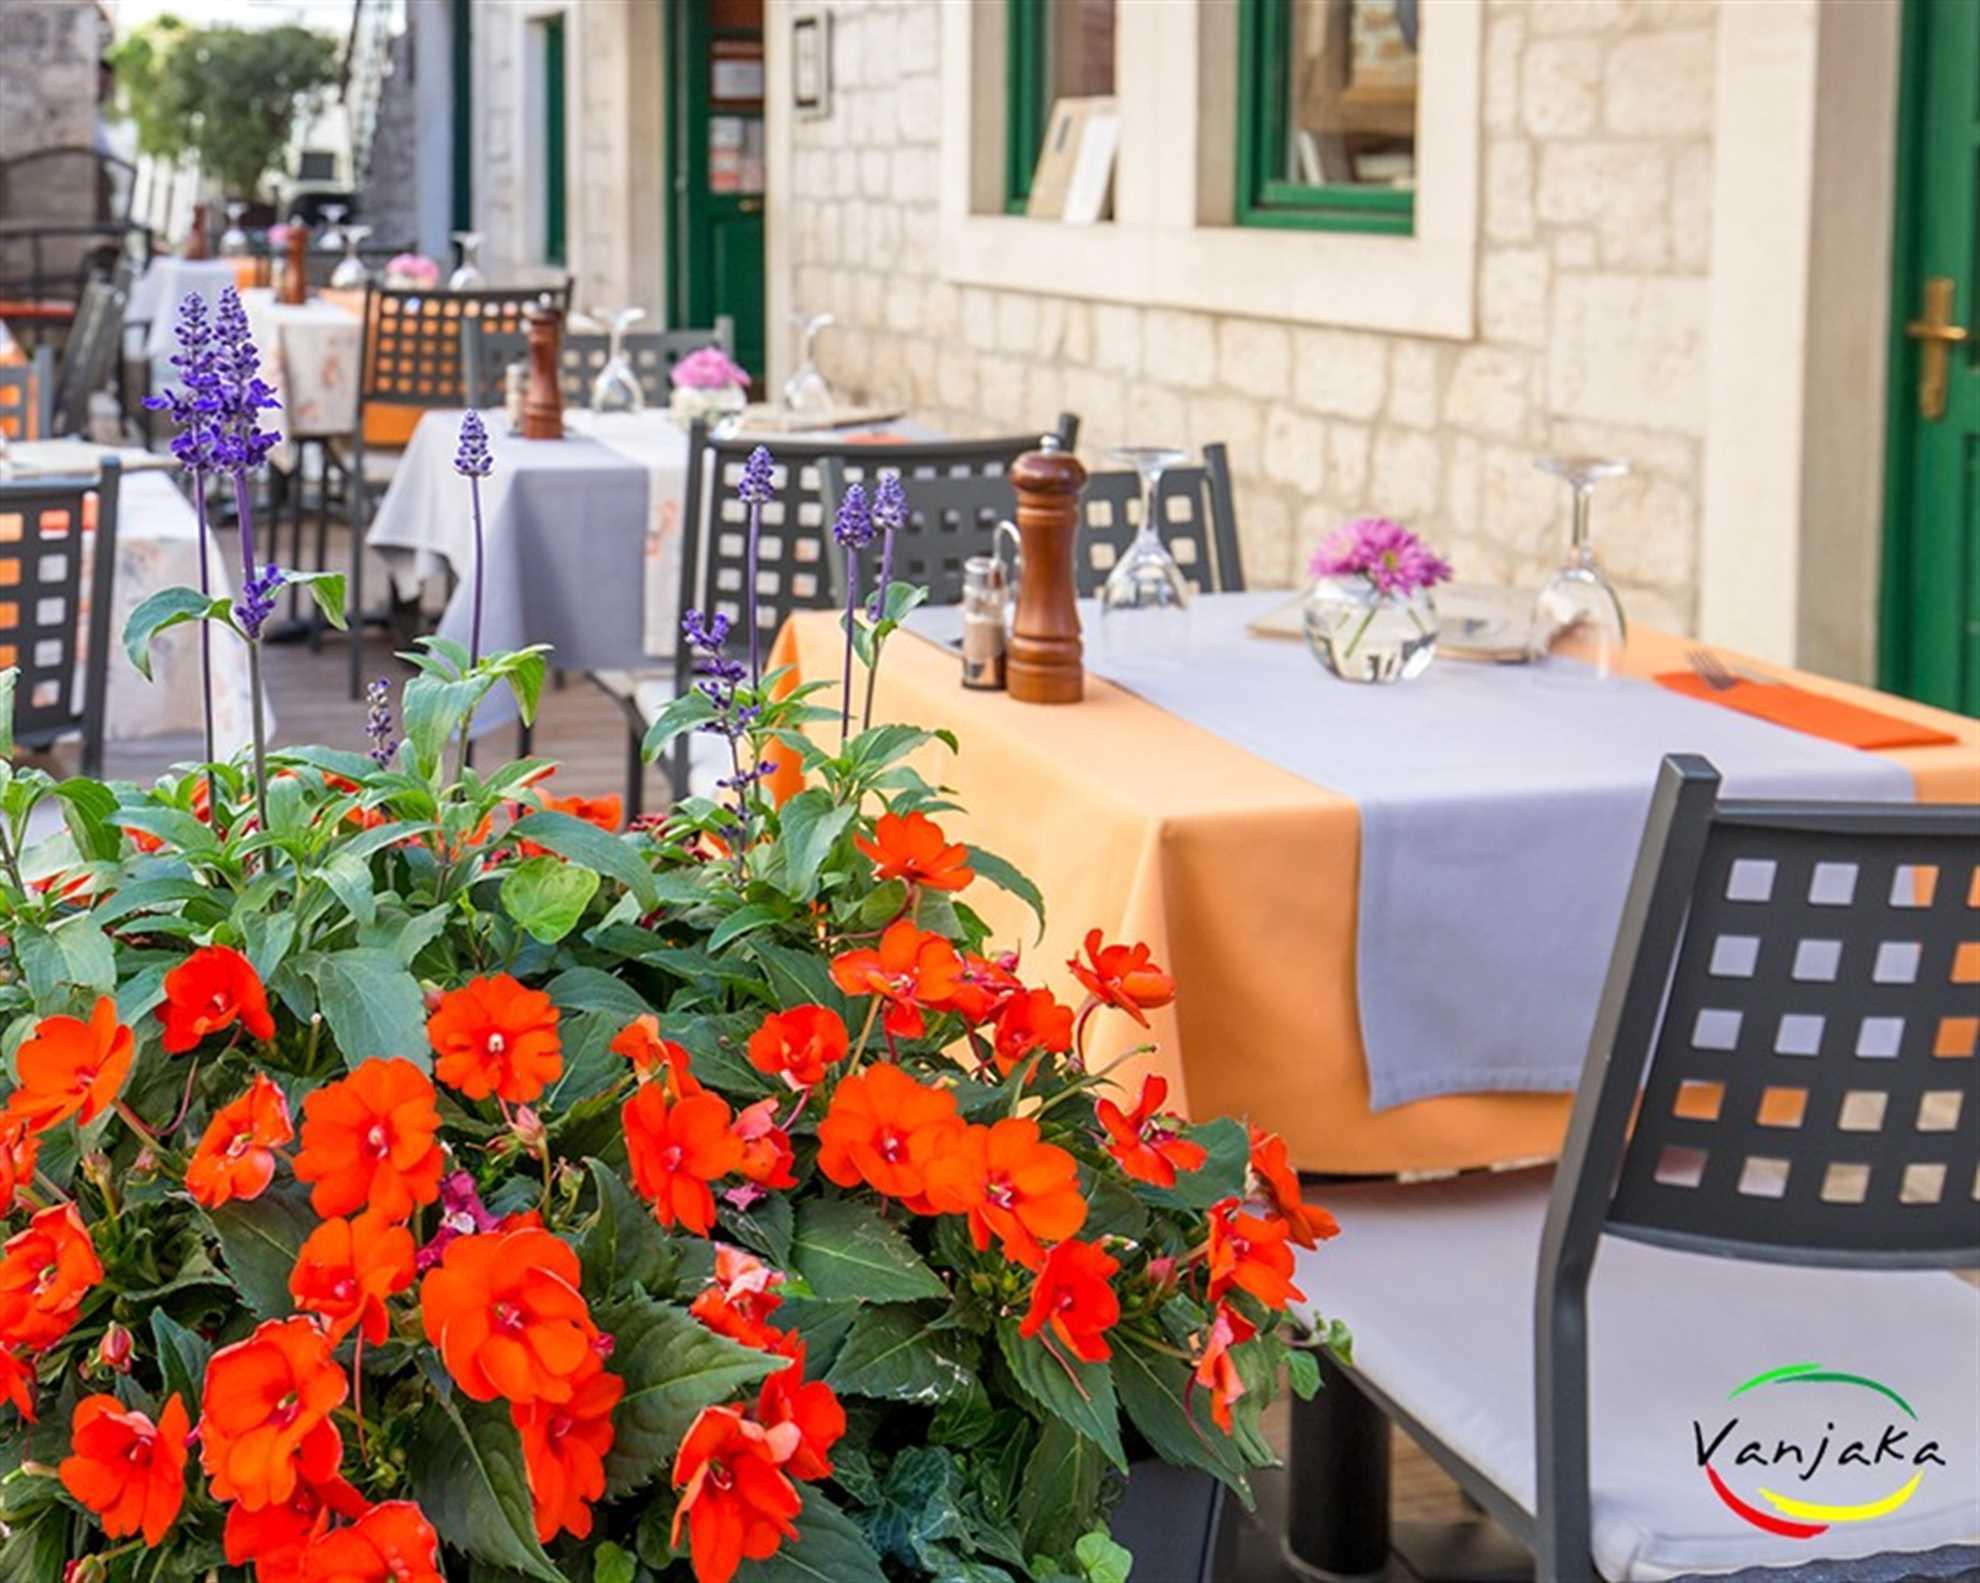 Restaurant Vanjaka Trogir